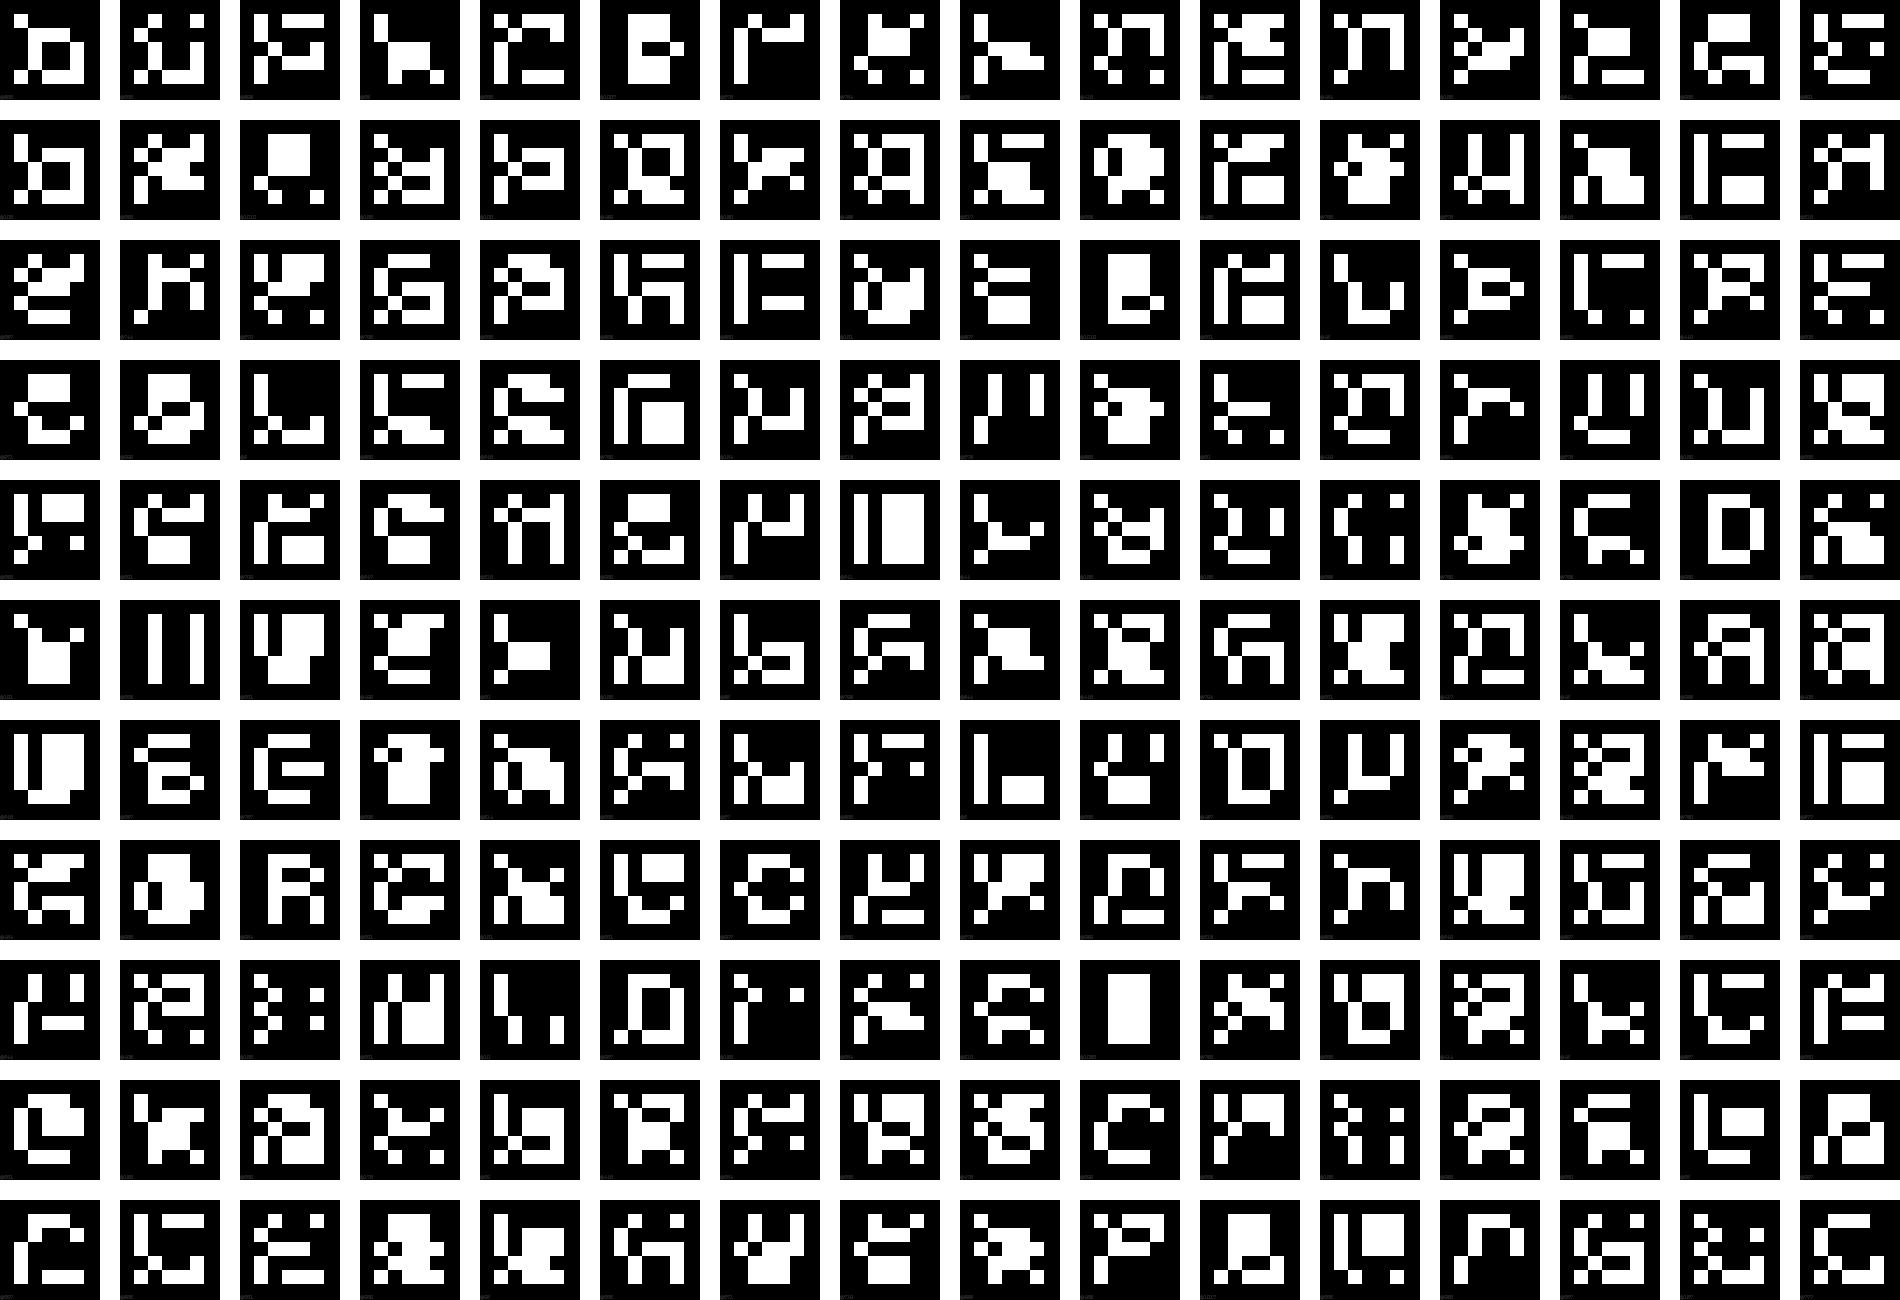 ArUco pattern